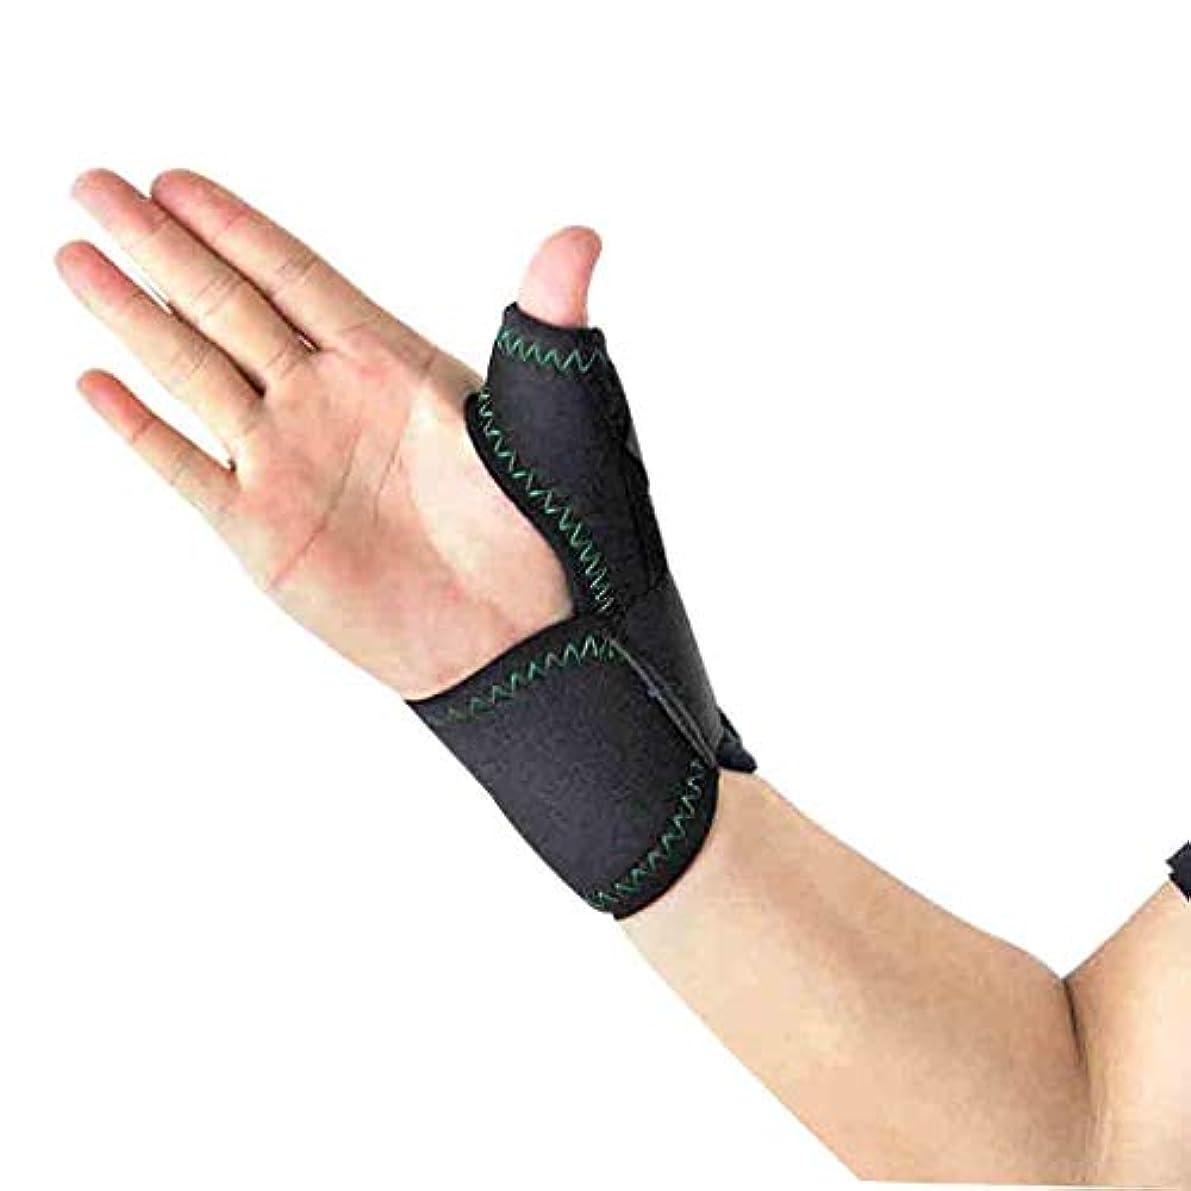 ライド群れキャンディーThumbブレースは、手首のストラップでトリガーThumbガードのThumbのスプリントをラップします。ブレースThumbのスプリント、Thumbの関節炎の痛みを軽減するブレース(1個、ユニセックス、左&右手、M) Roscloud@